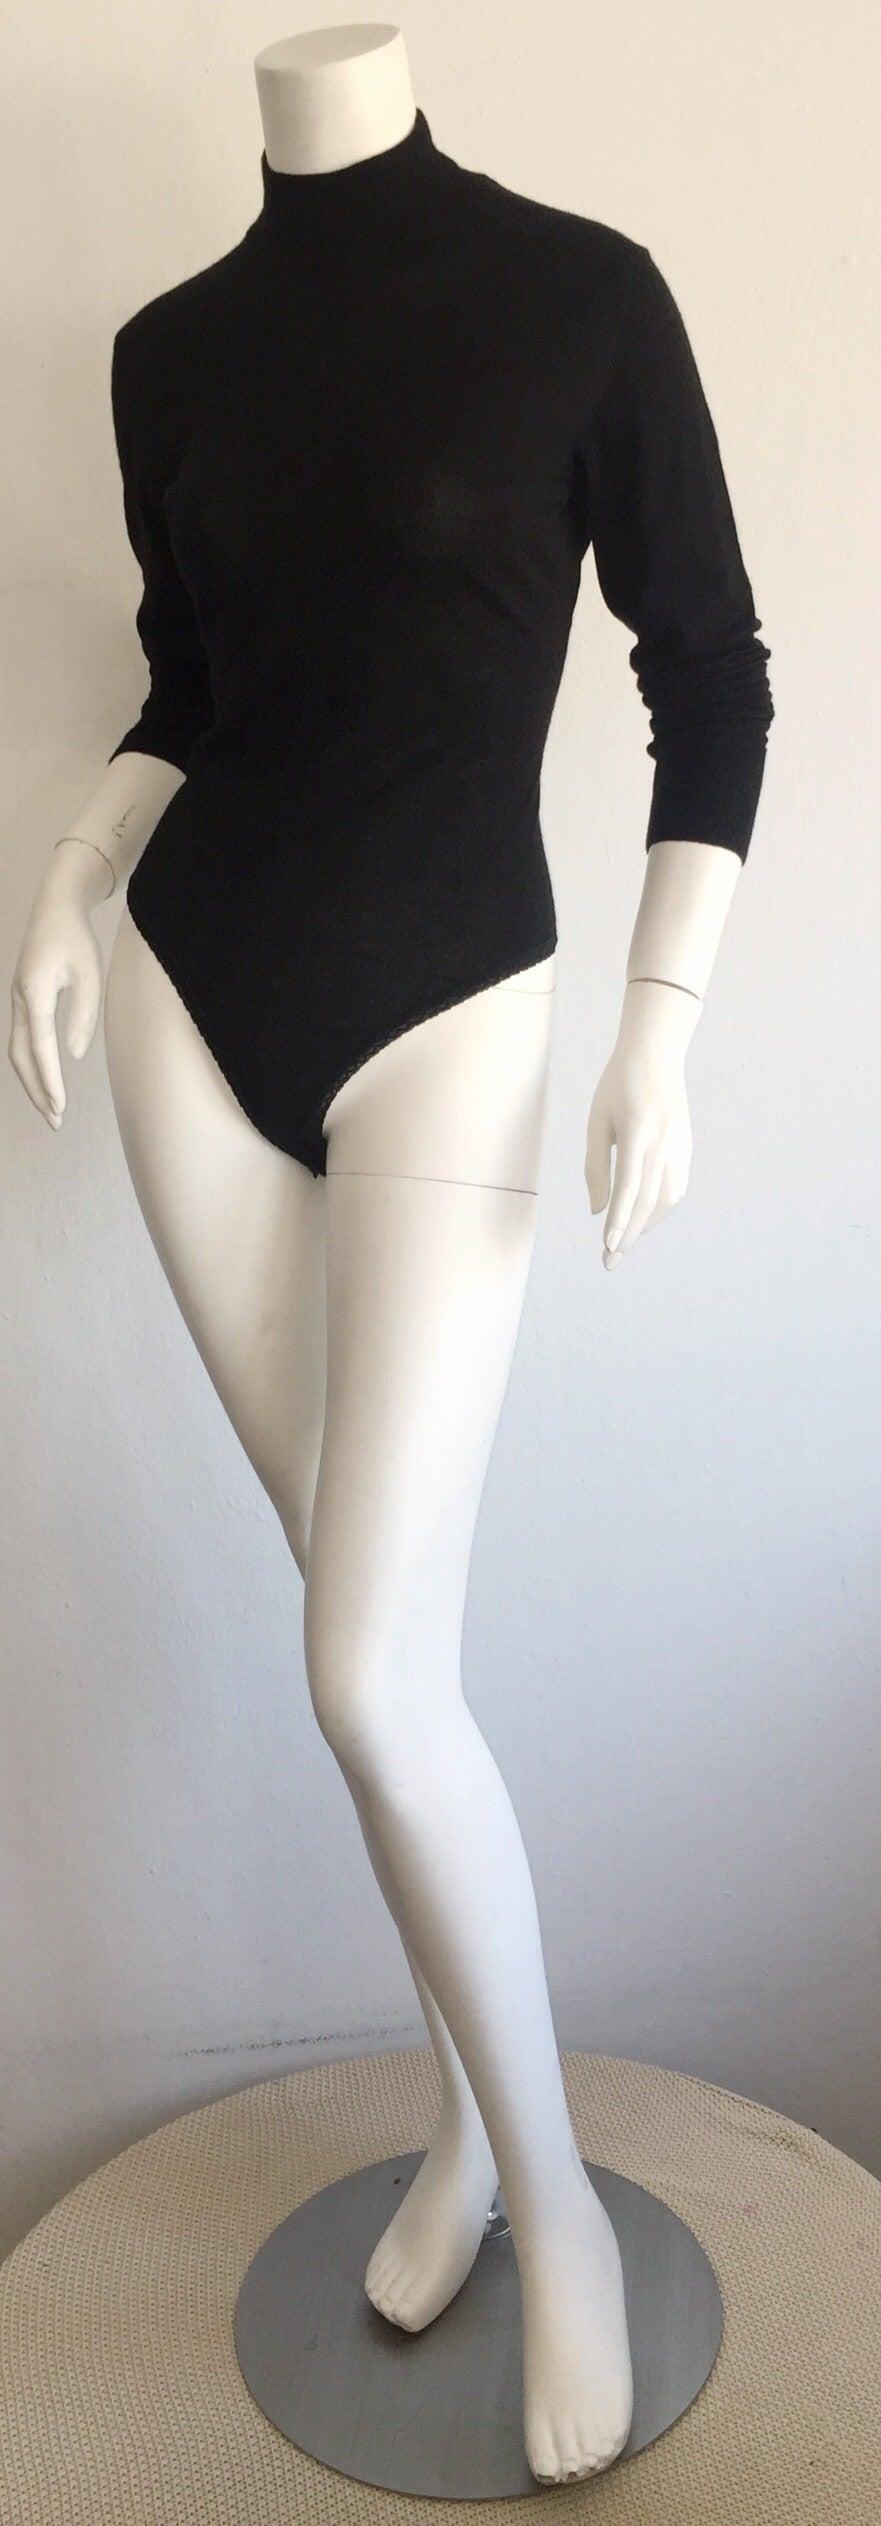 Sexy Vintage Donna Karan Black Cashmere Bodysuit / Onesie 3